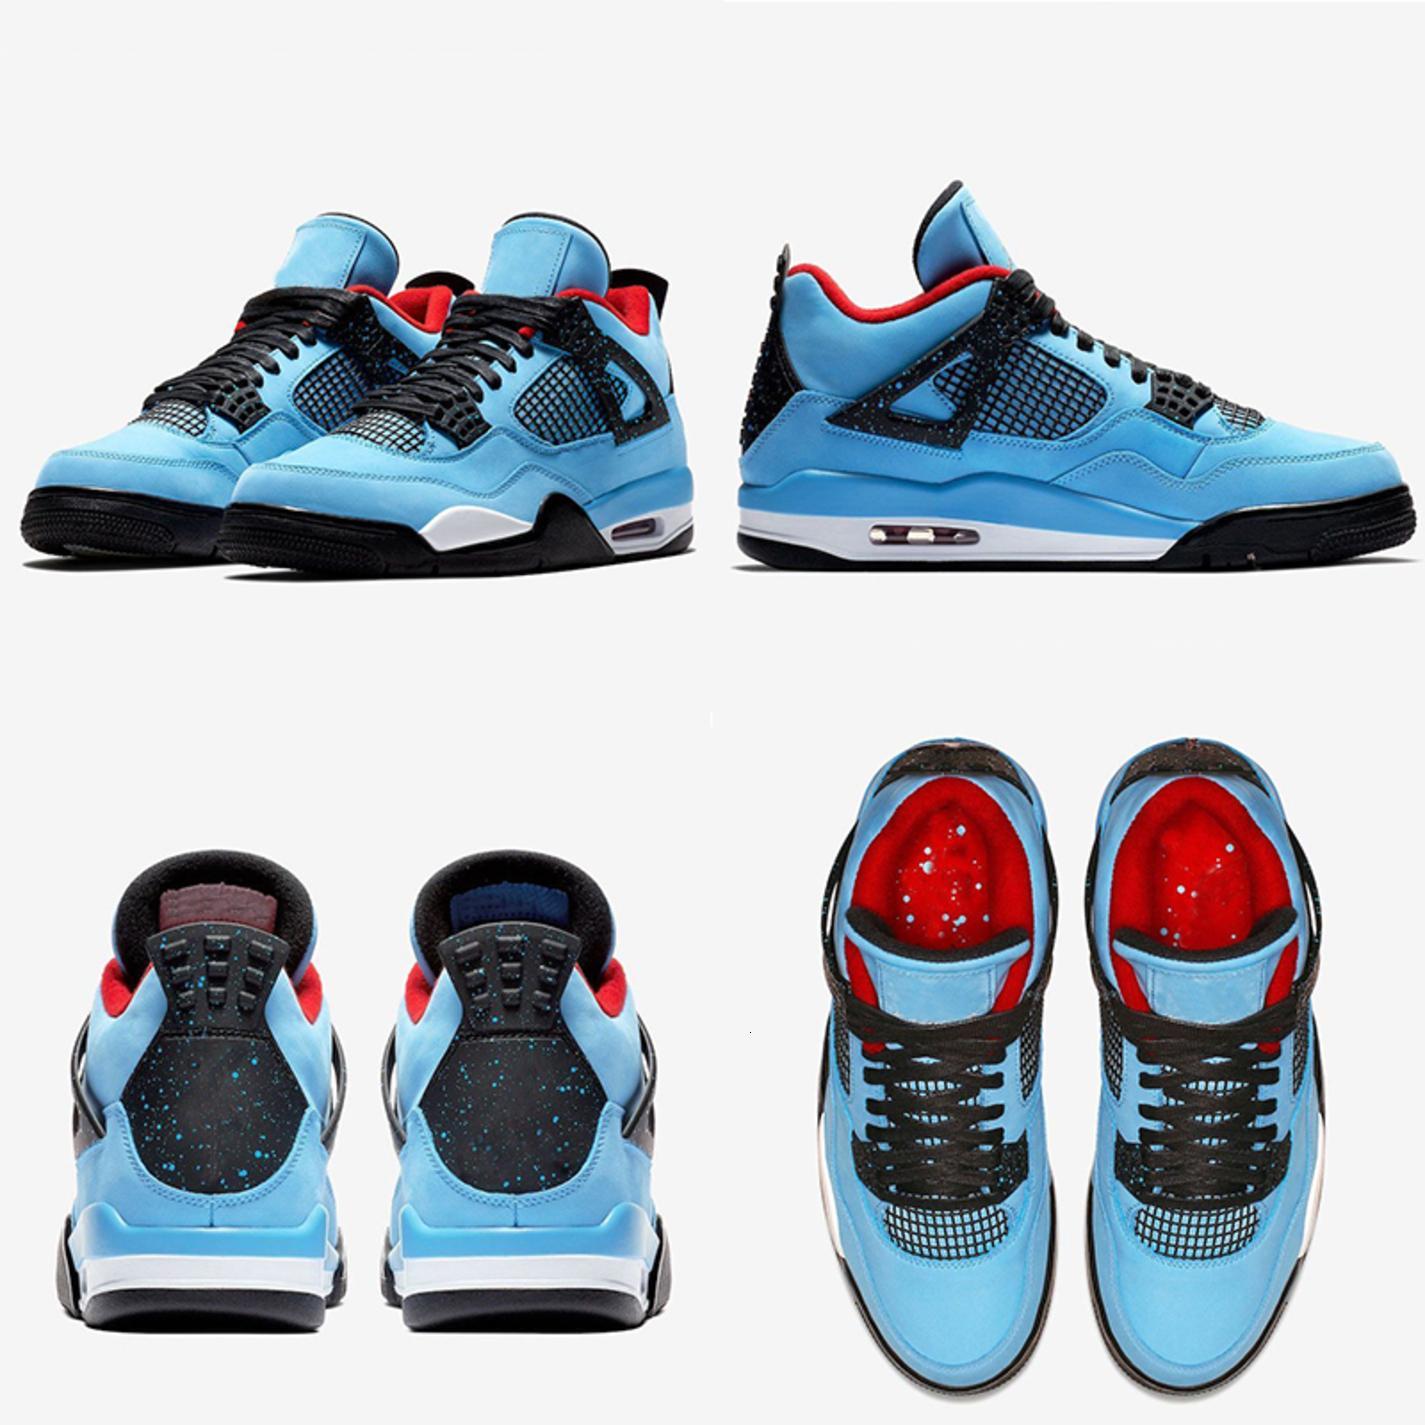 Кактус Джек 4 4s Houston Баскетбольные туфли Университет Синий Varsity Red Black Men Trainer Спортивные кроссовки с коробкой